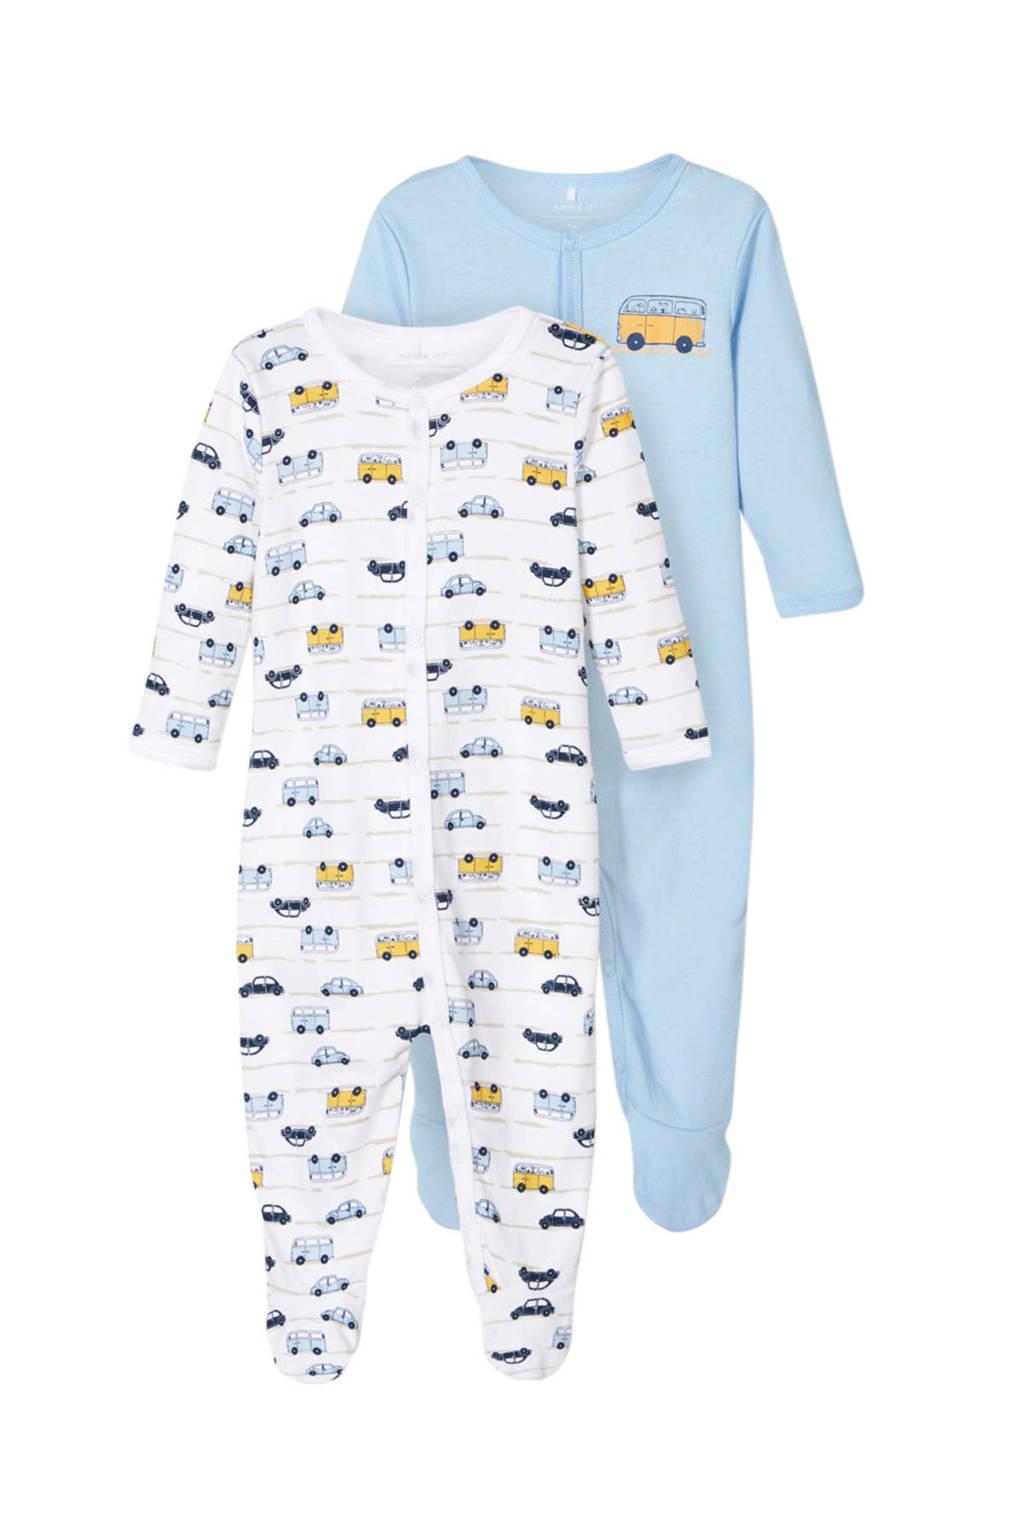 NAME IT BABY   newborn pyjama's- set van 2, blauw/ wit